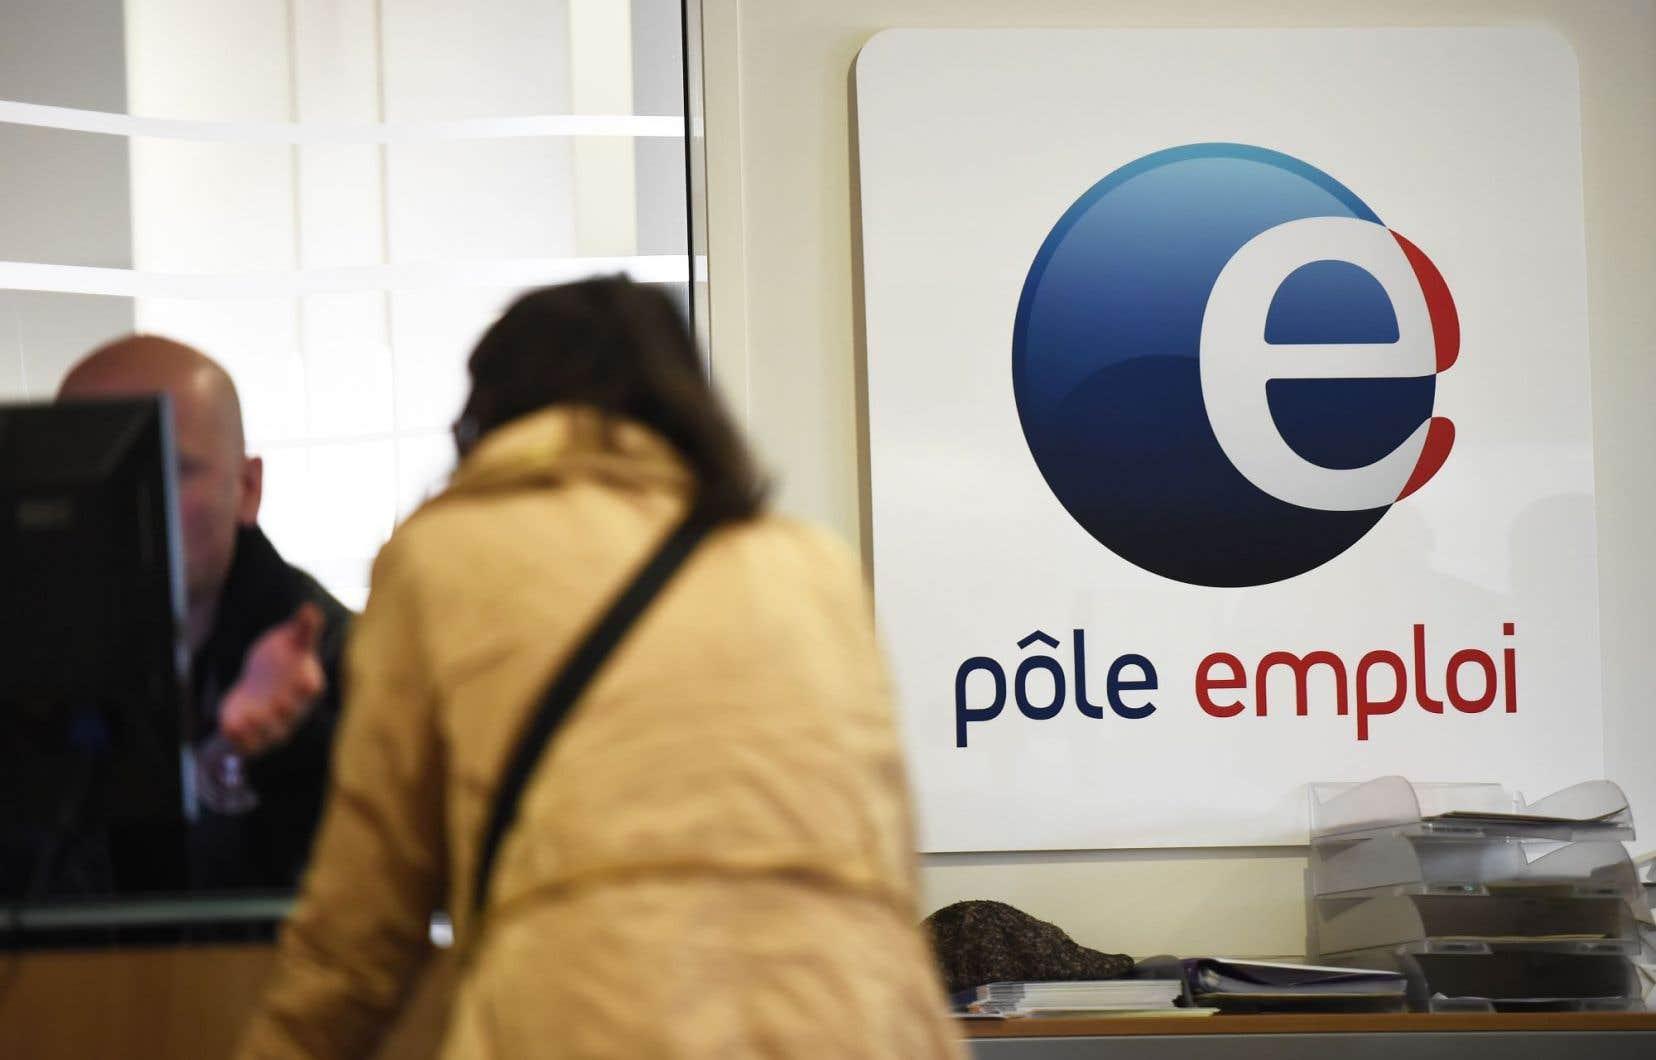 Dans l'ensemble de l'Union européenne, le taux de chômage s'établit à 7,7 %, le plus faible enregistré depuis décembre 2008.